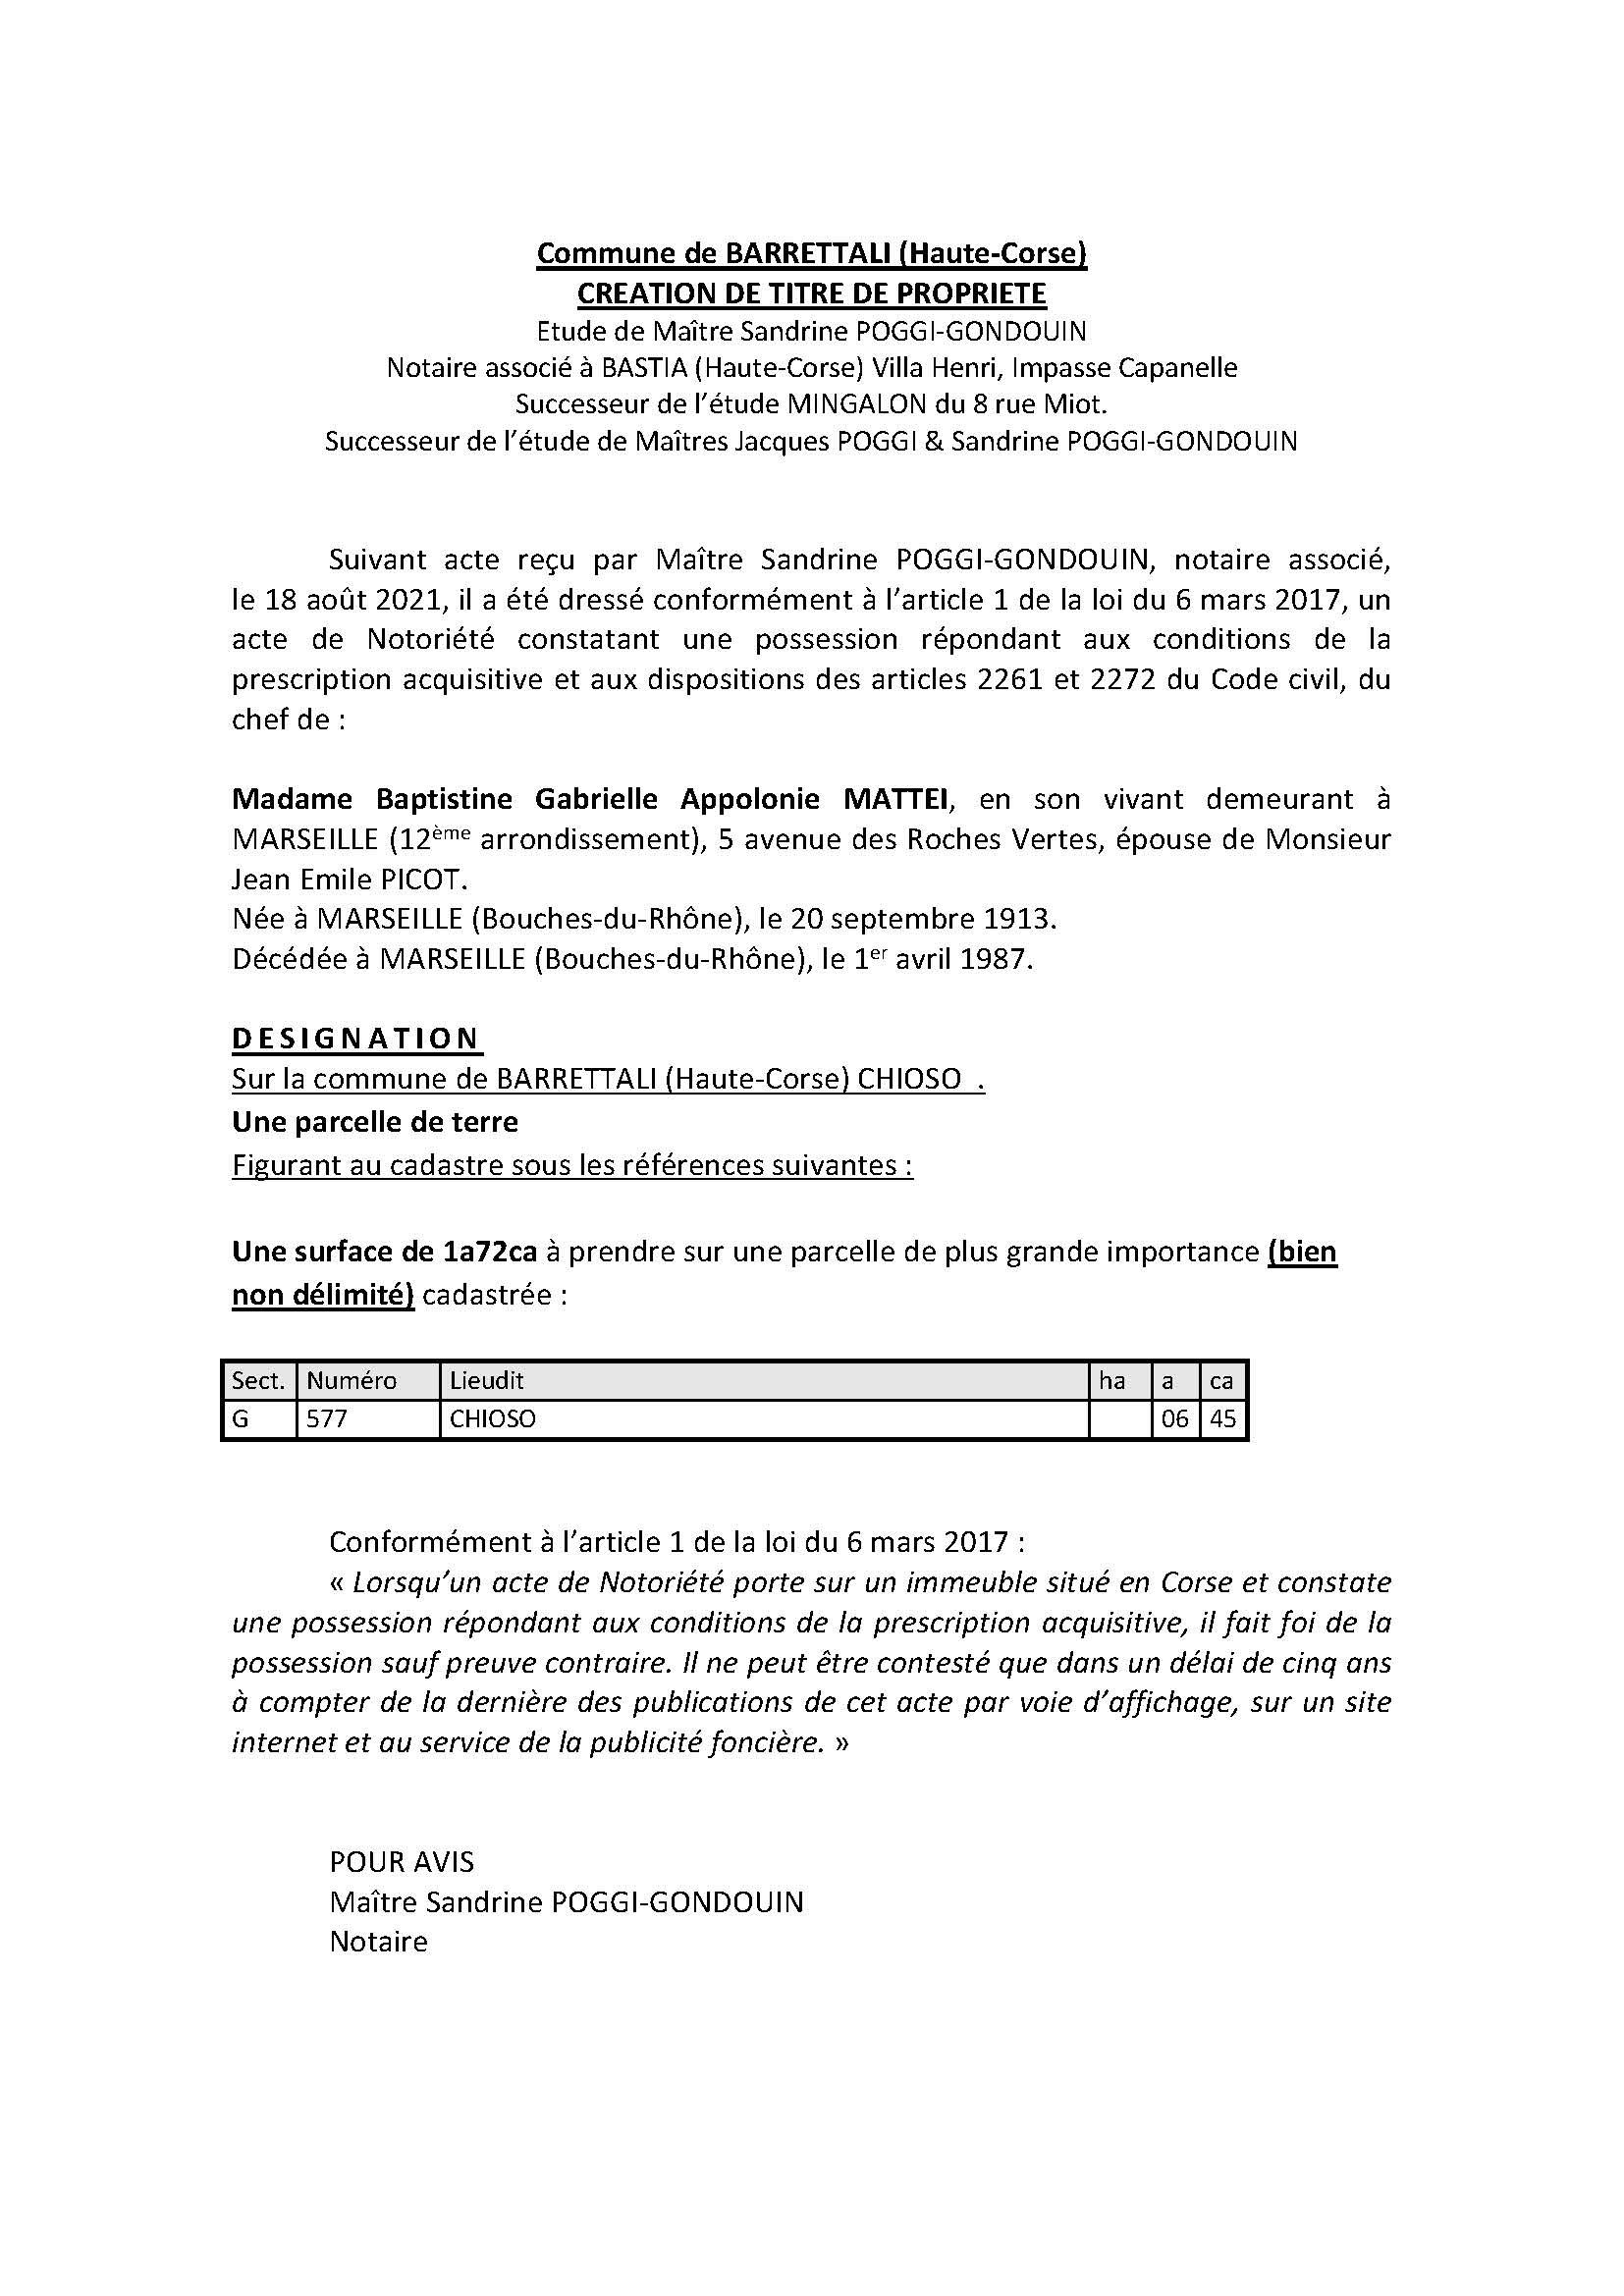 Avis de création de titre de propriété - Commune de Barrettali (Haute-Corse)